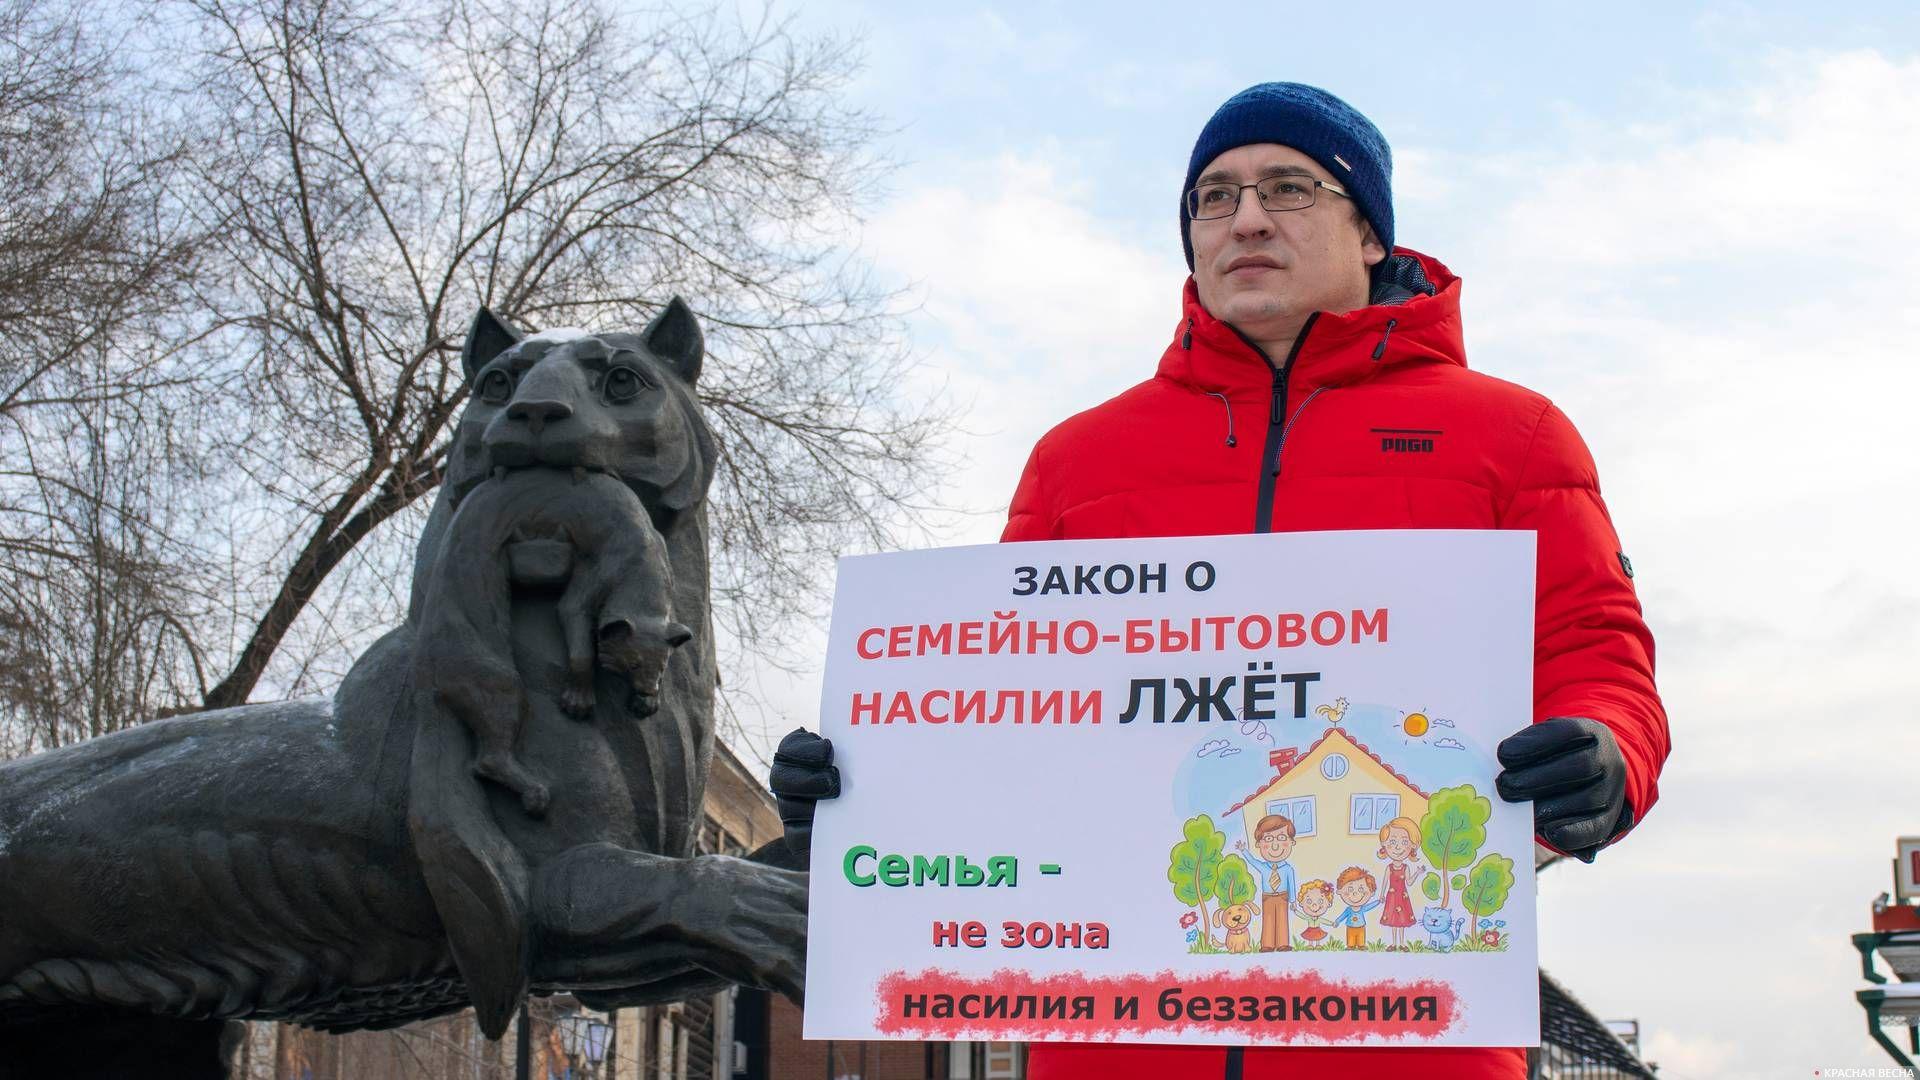 Иркутск. Пикет против закона о семейном насилии 15.12.2019